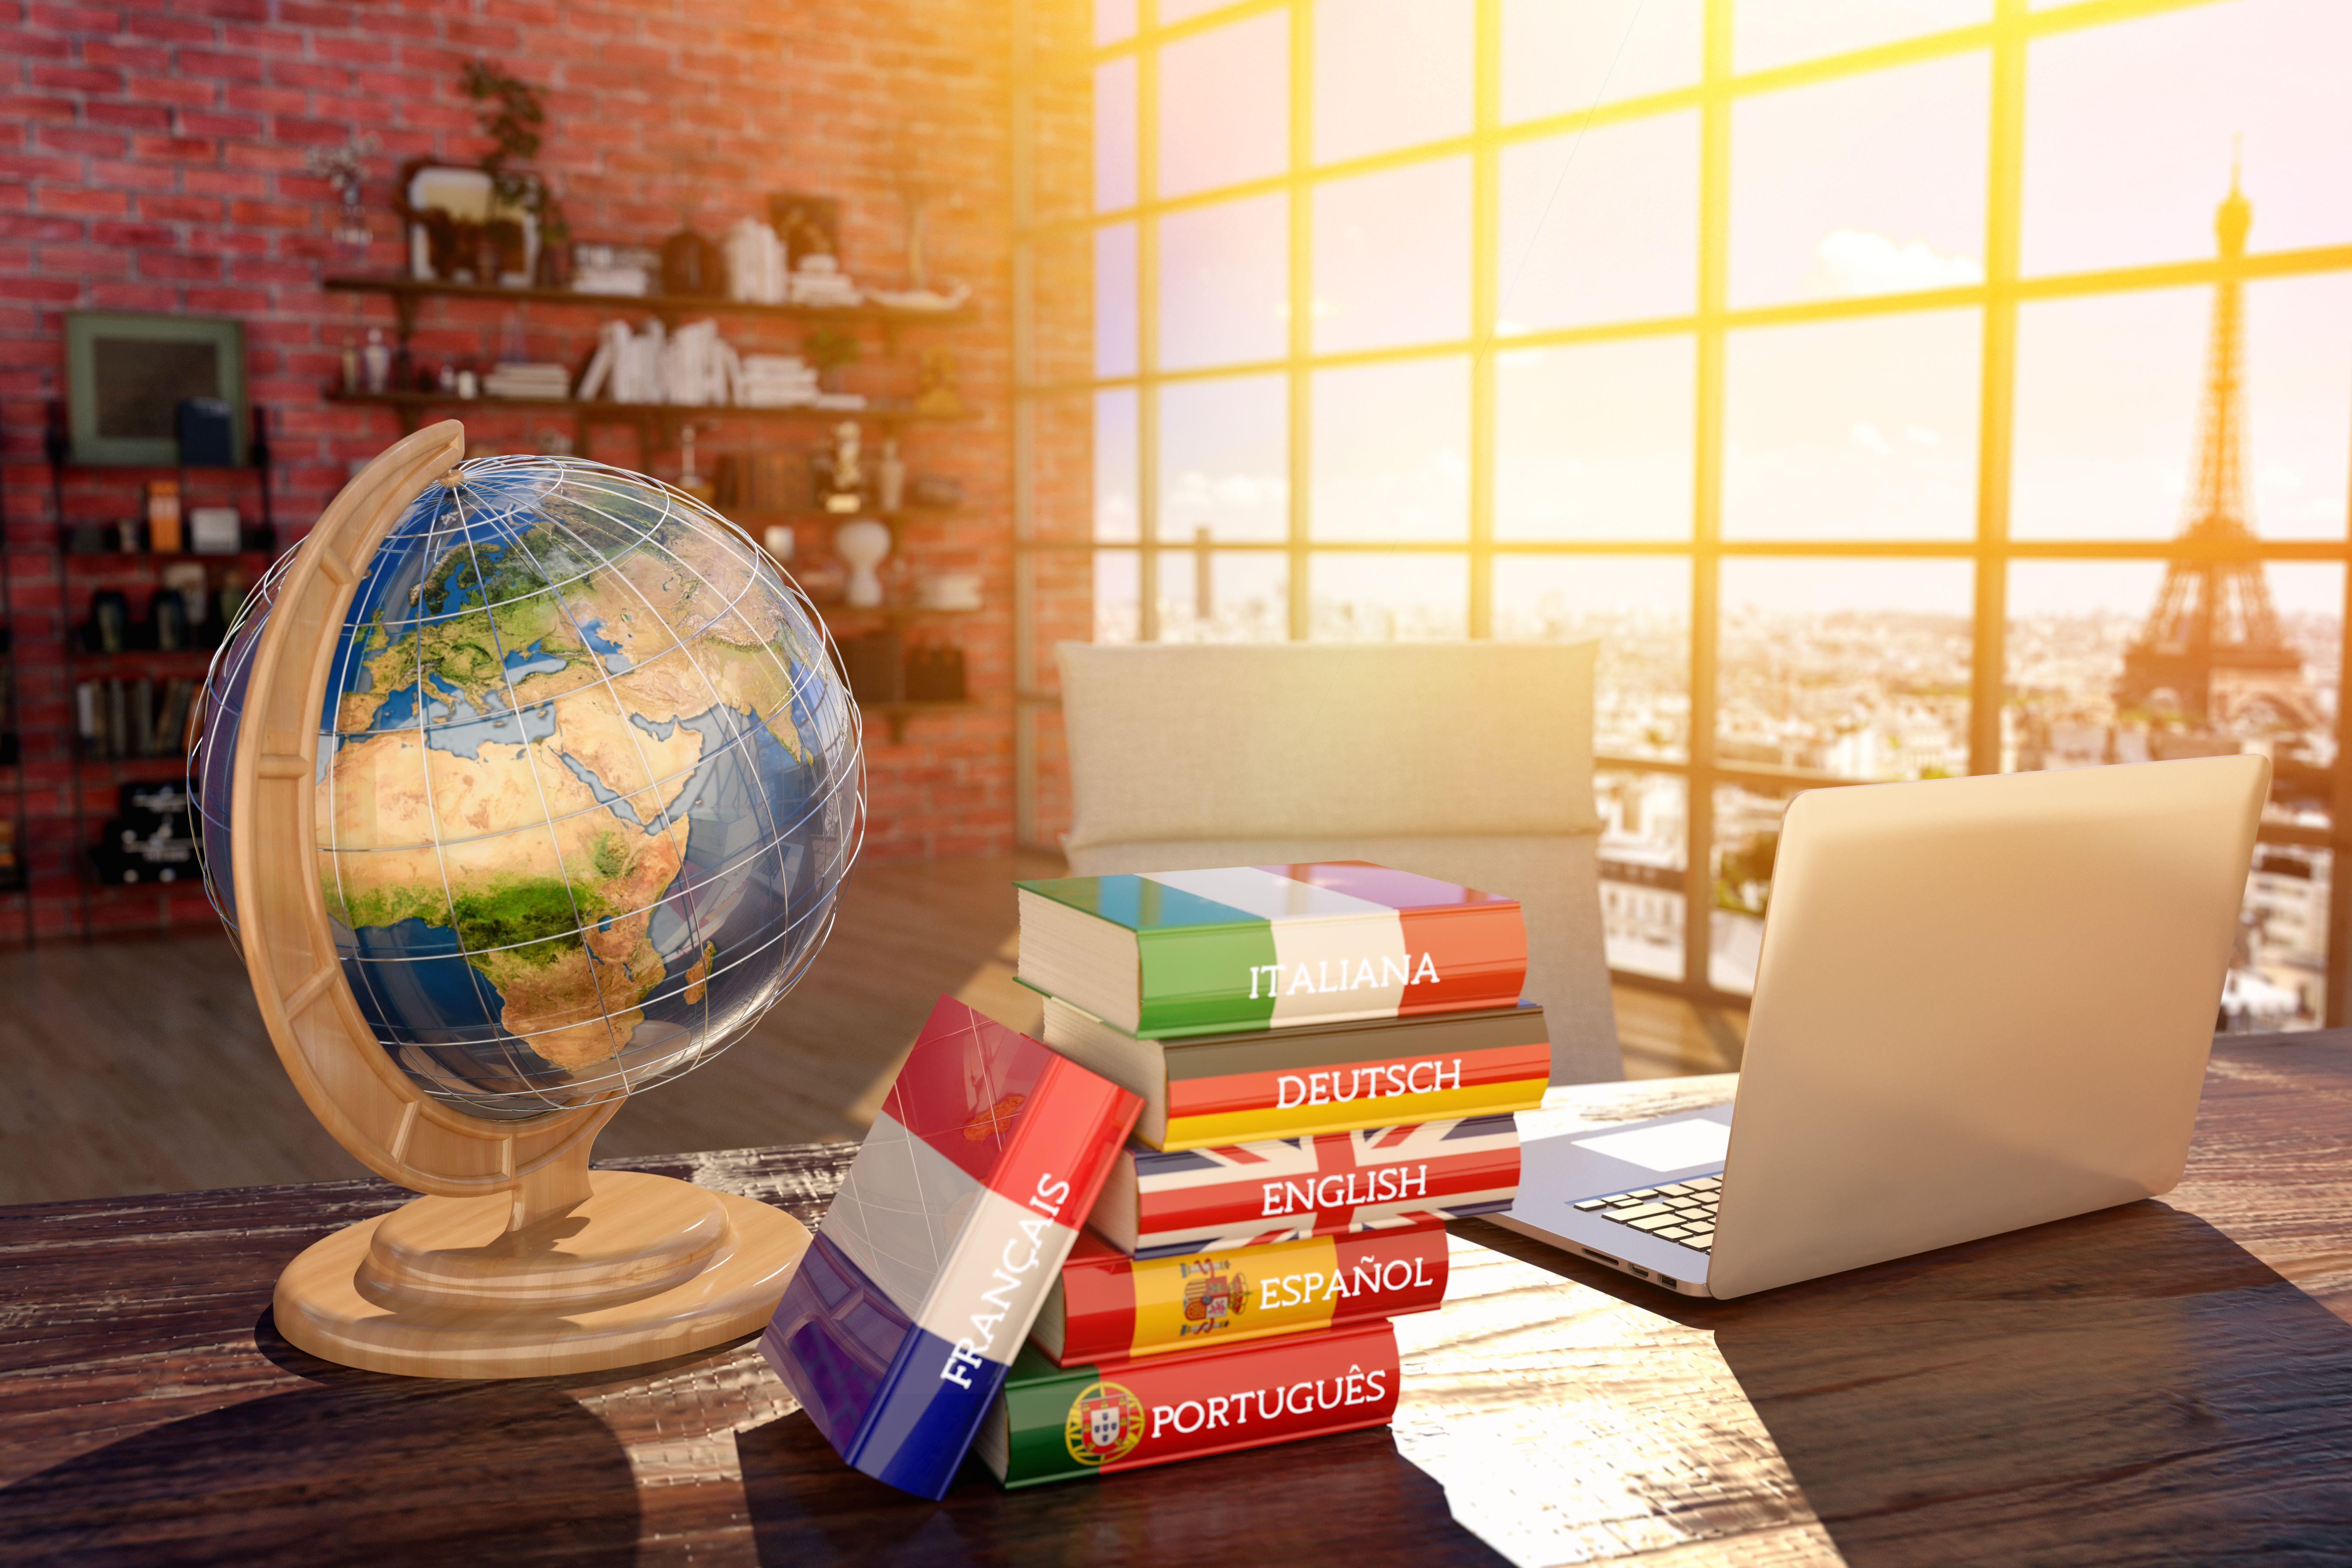 empresas de traduccion Lanzarote servicios de traduccion Lanzarote traducto